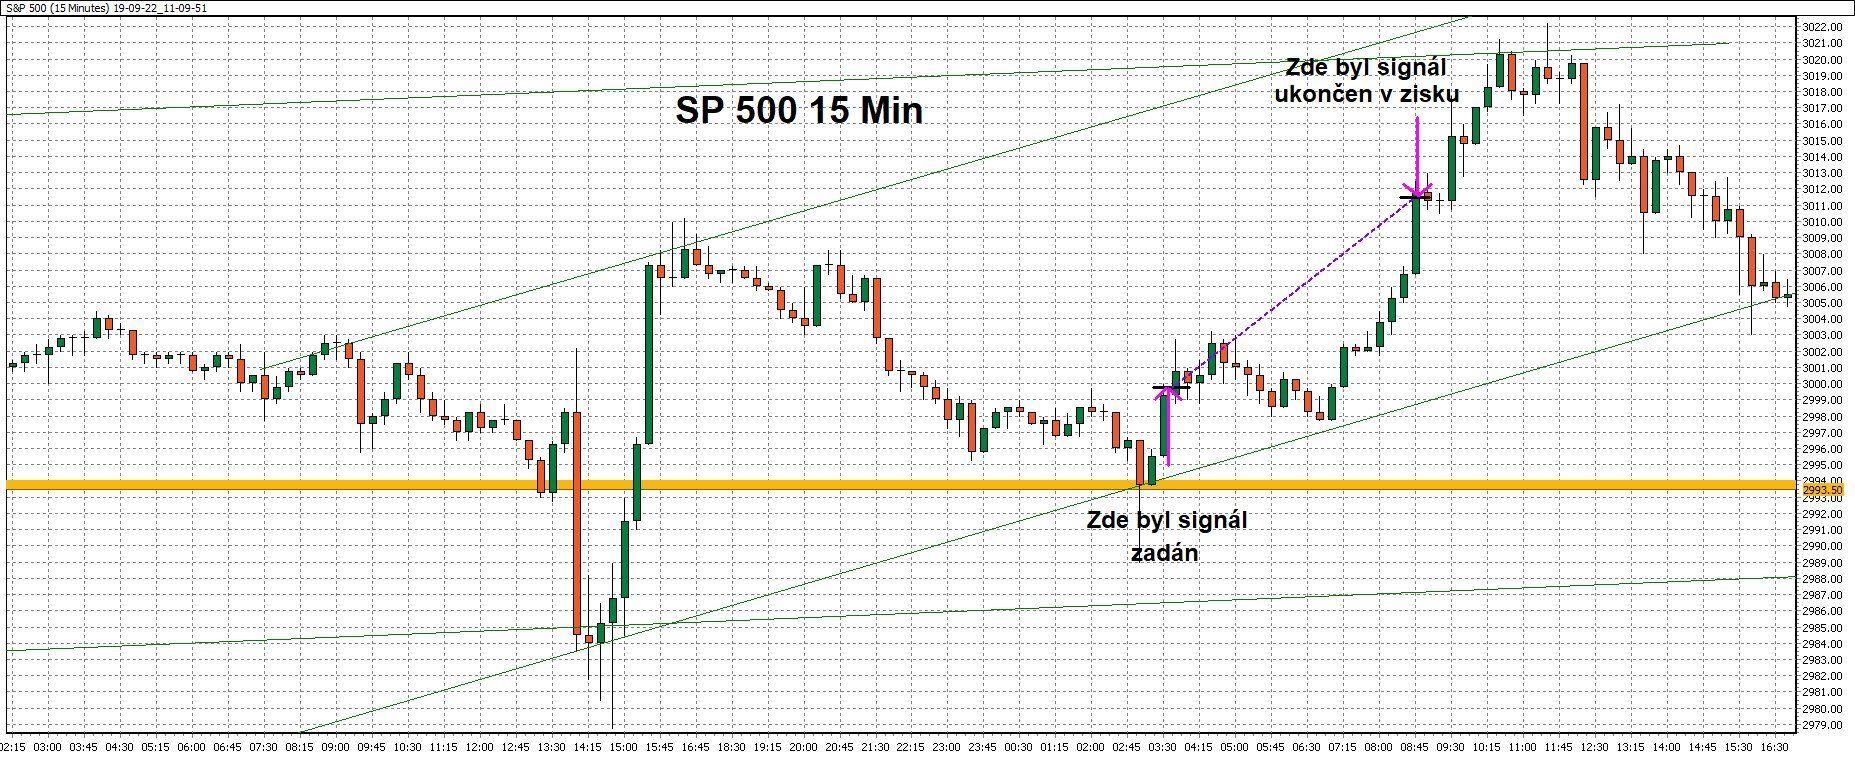 15minutový graf - ukázka obchodu naakciovém indexu SP500 spomocí WinSignals